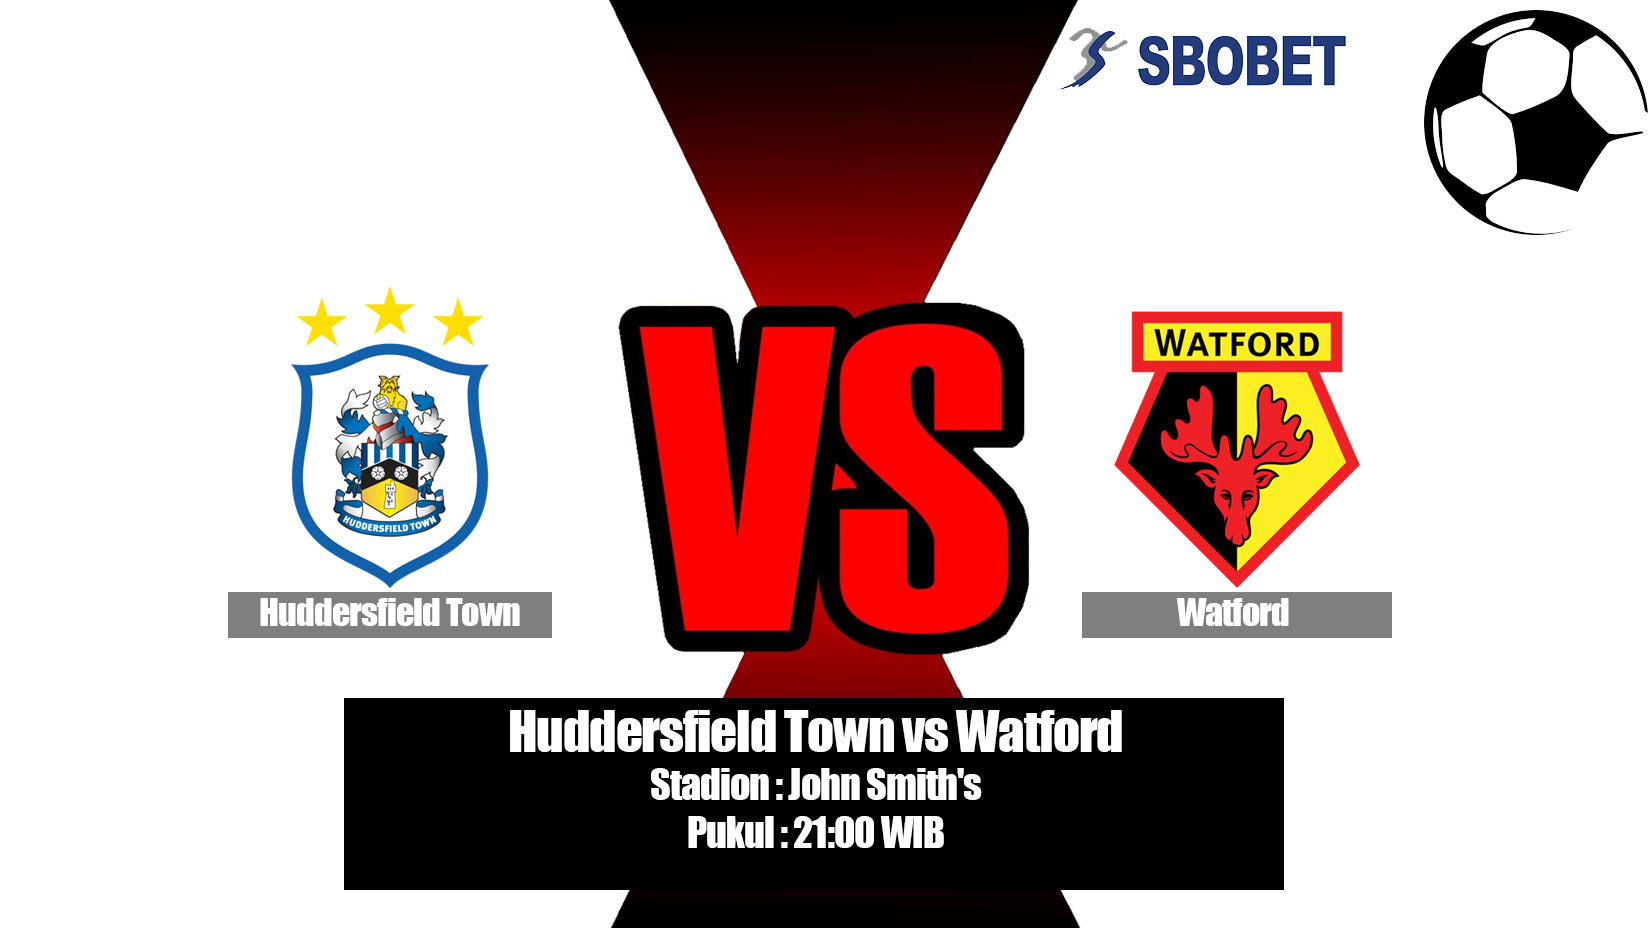 Prediksi Bola Huddersfield Town vs Watford 20 April 2019